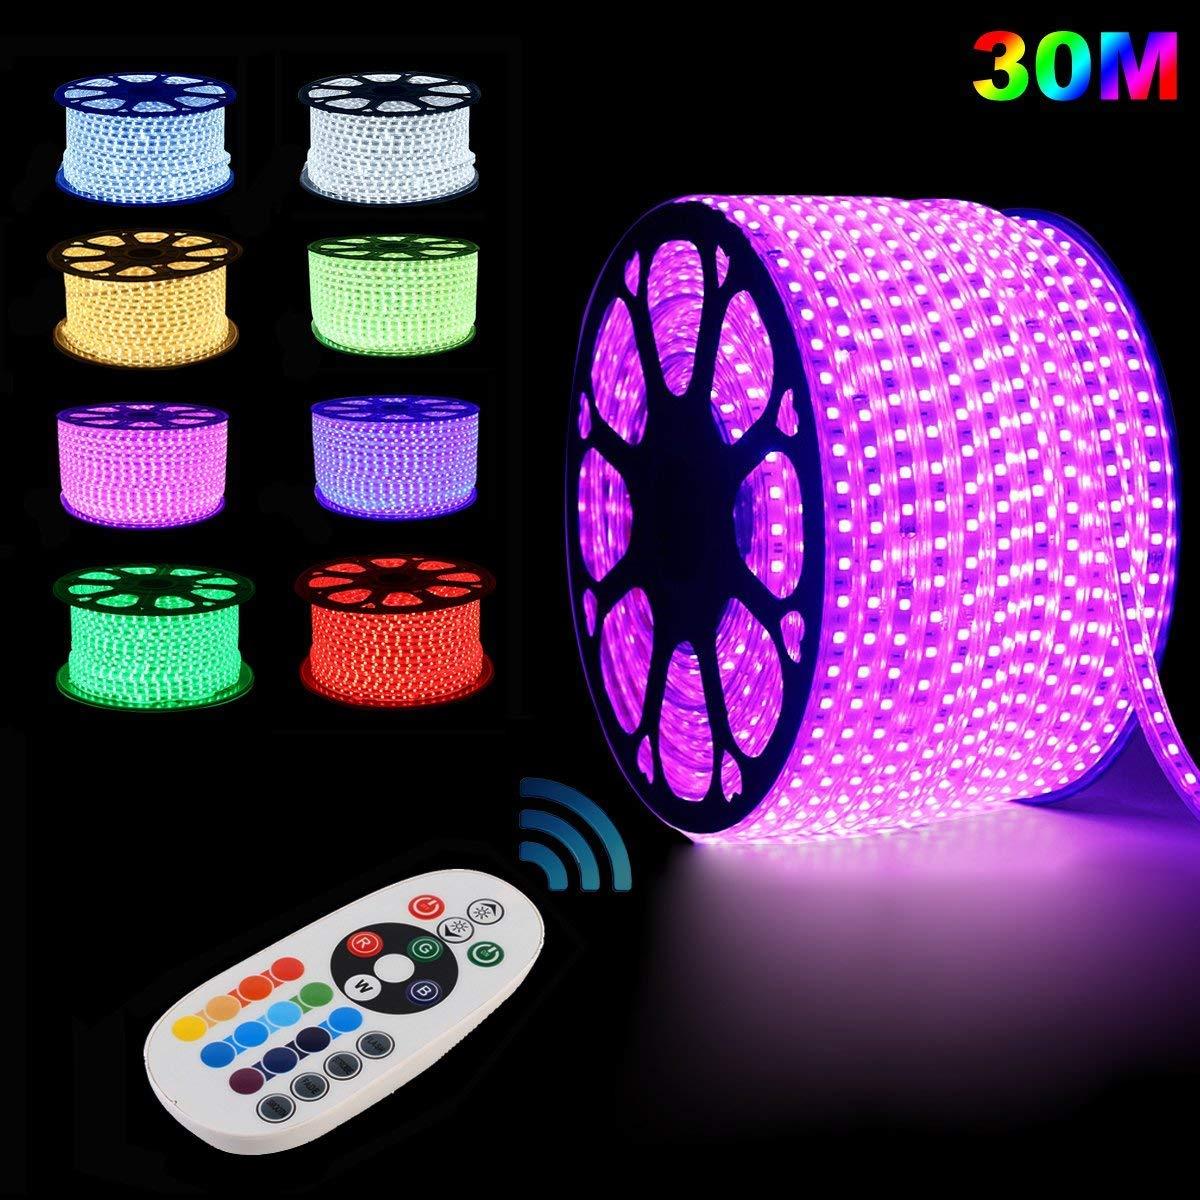 GrünSun LED Lighting Flexible Led Streifen LED Strips 30m RGB LED Lichterkette Lichterschlauch Fensterbeleuchtung für Weihnachten Hochzeit Dekoration mit 24 Tasten RF Controller